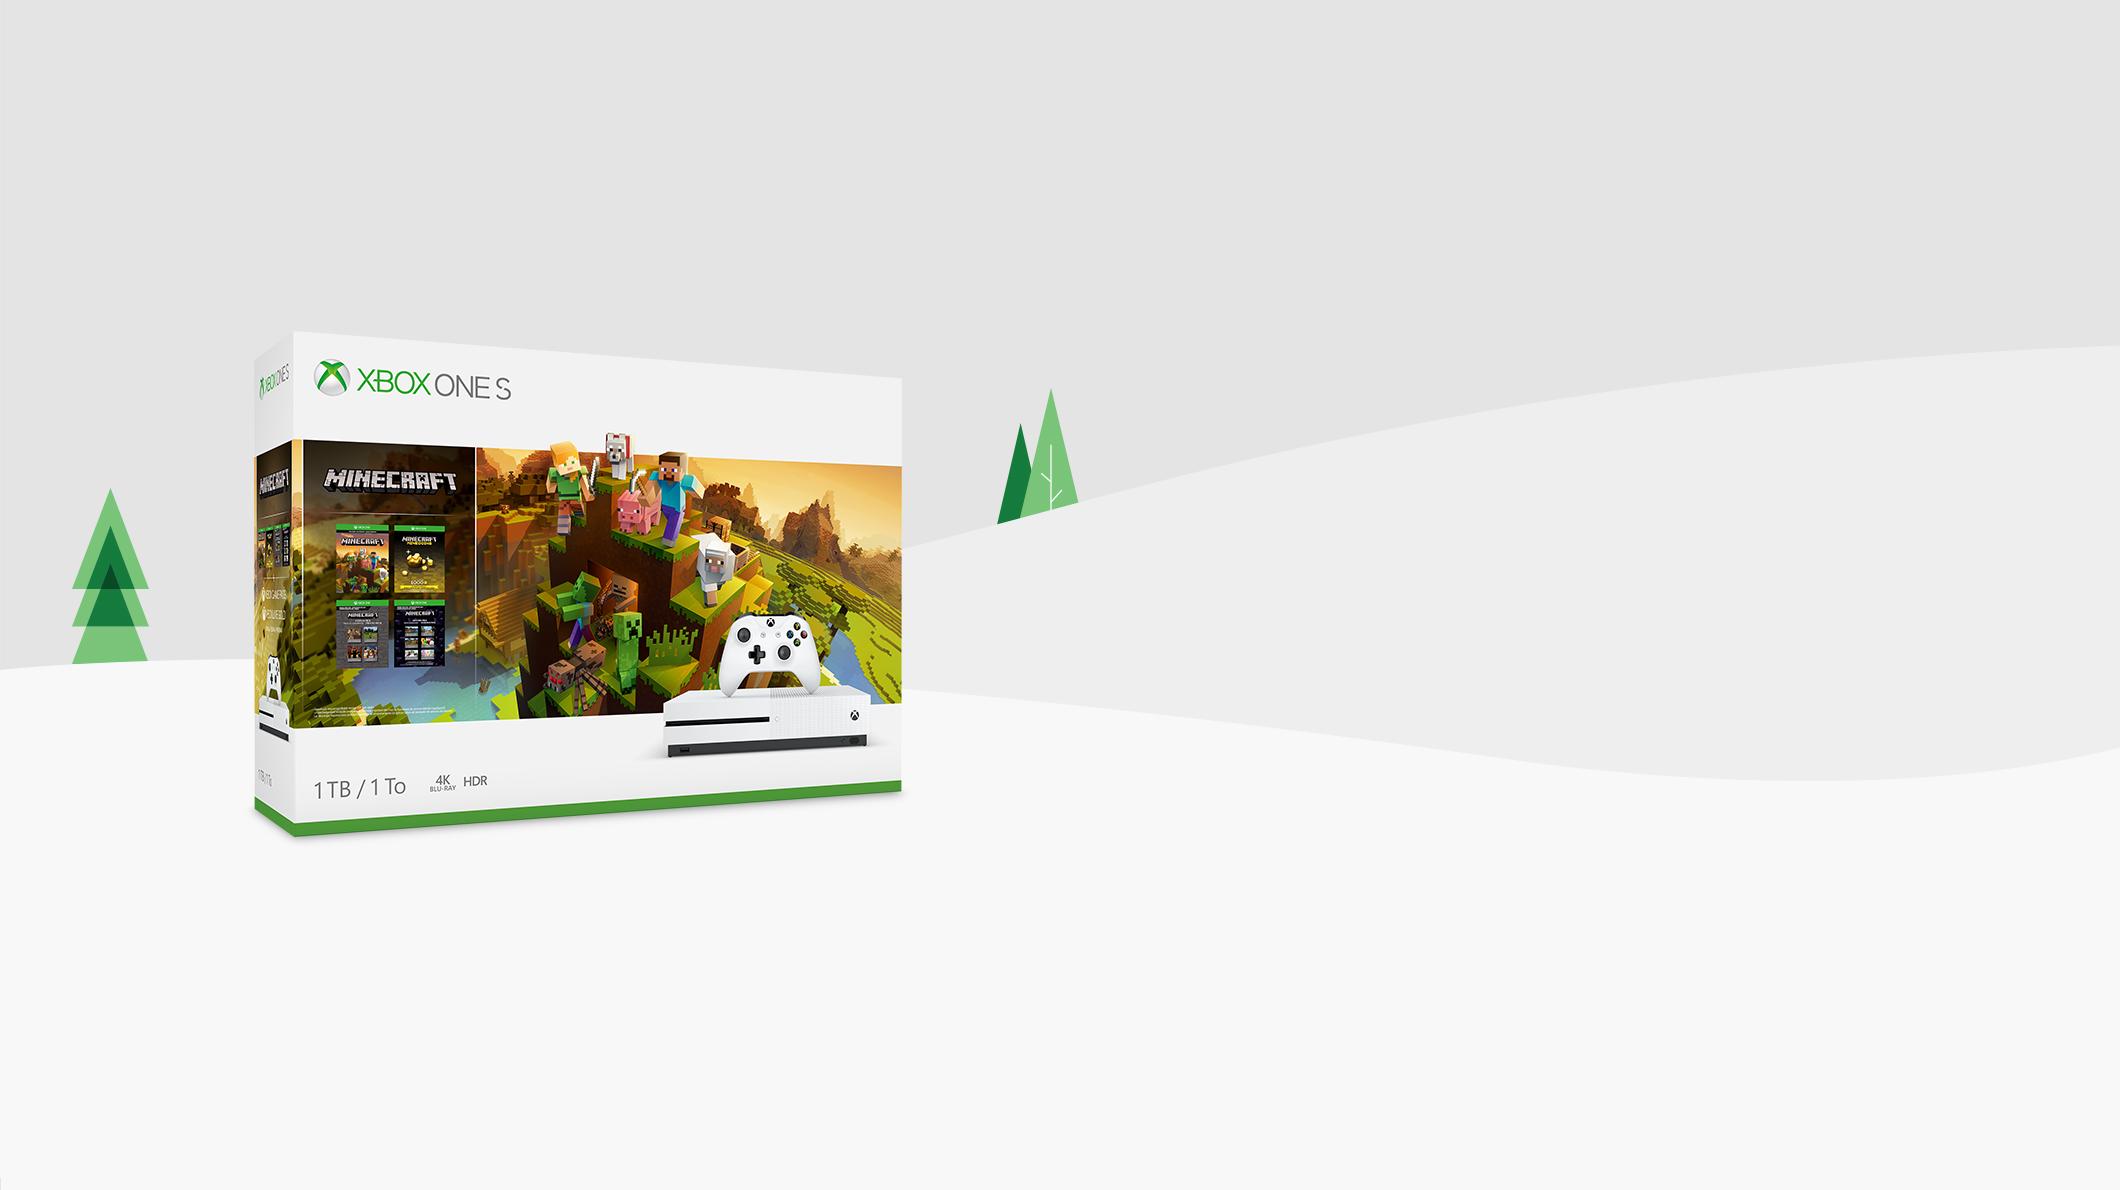 Xbox One S Minecraft Creators